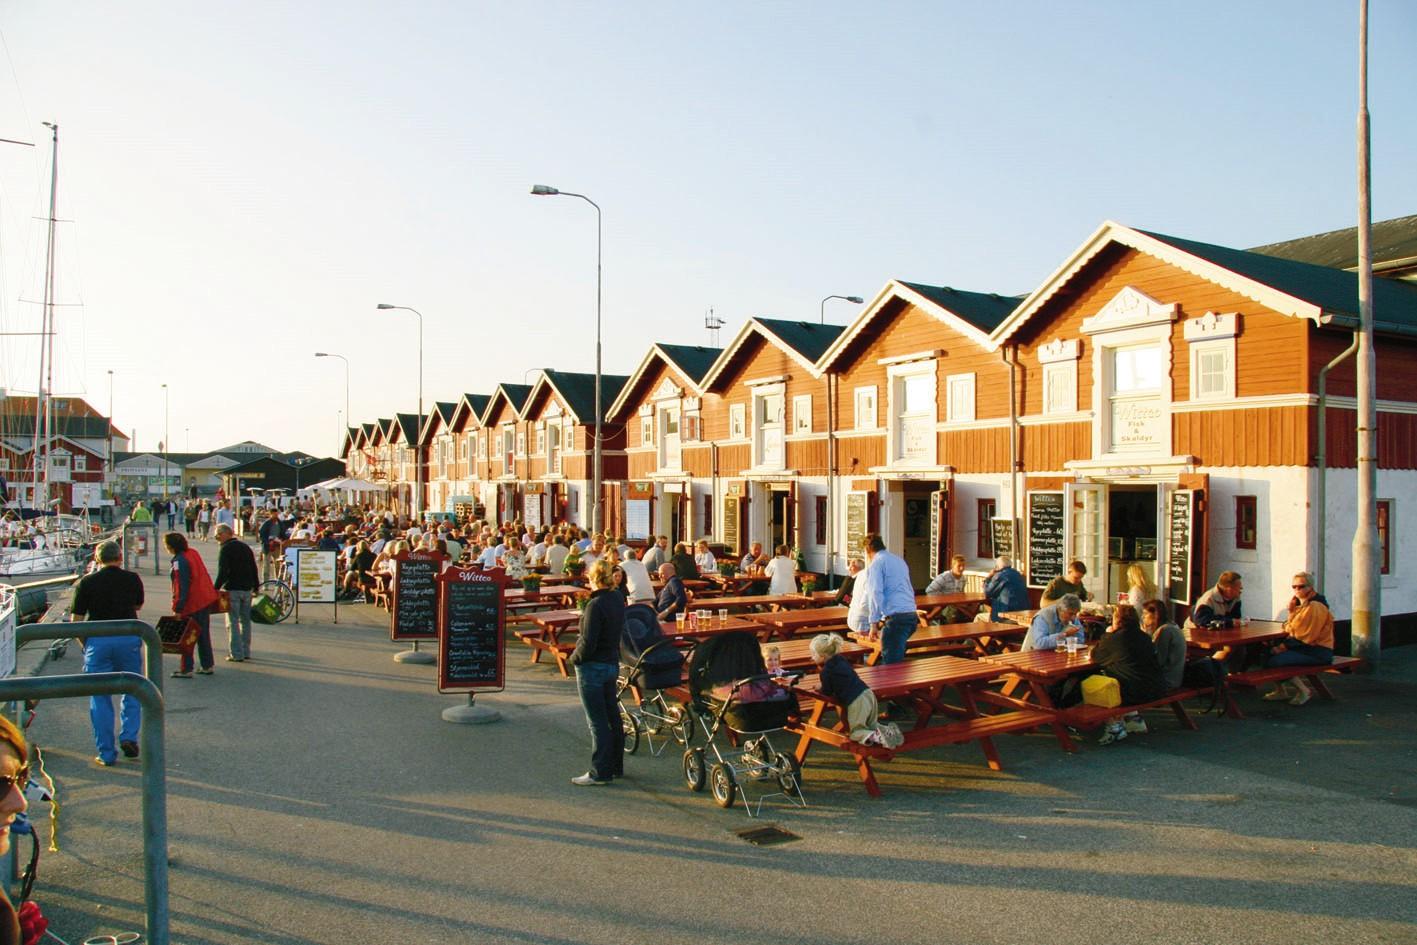 Skagen i Frederikshavn kommune er en af Danmarks største turistattraktioner, der også trækker mange besøgende med til Sæby og selve Frederikshavn. Arkivfoto.